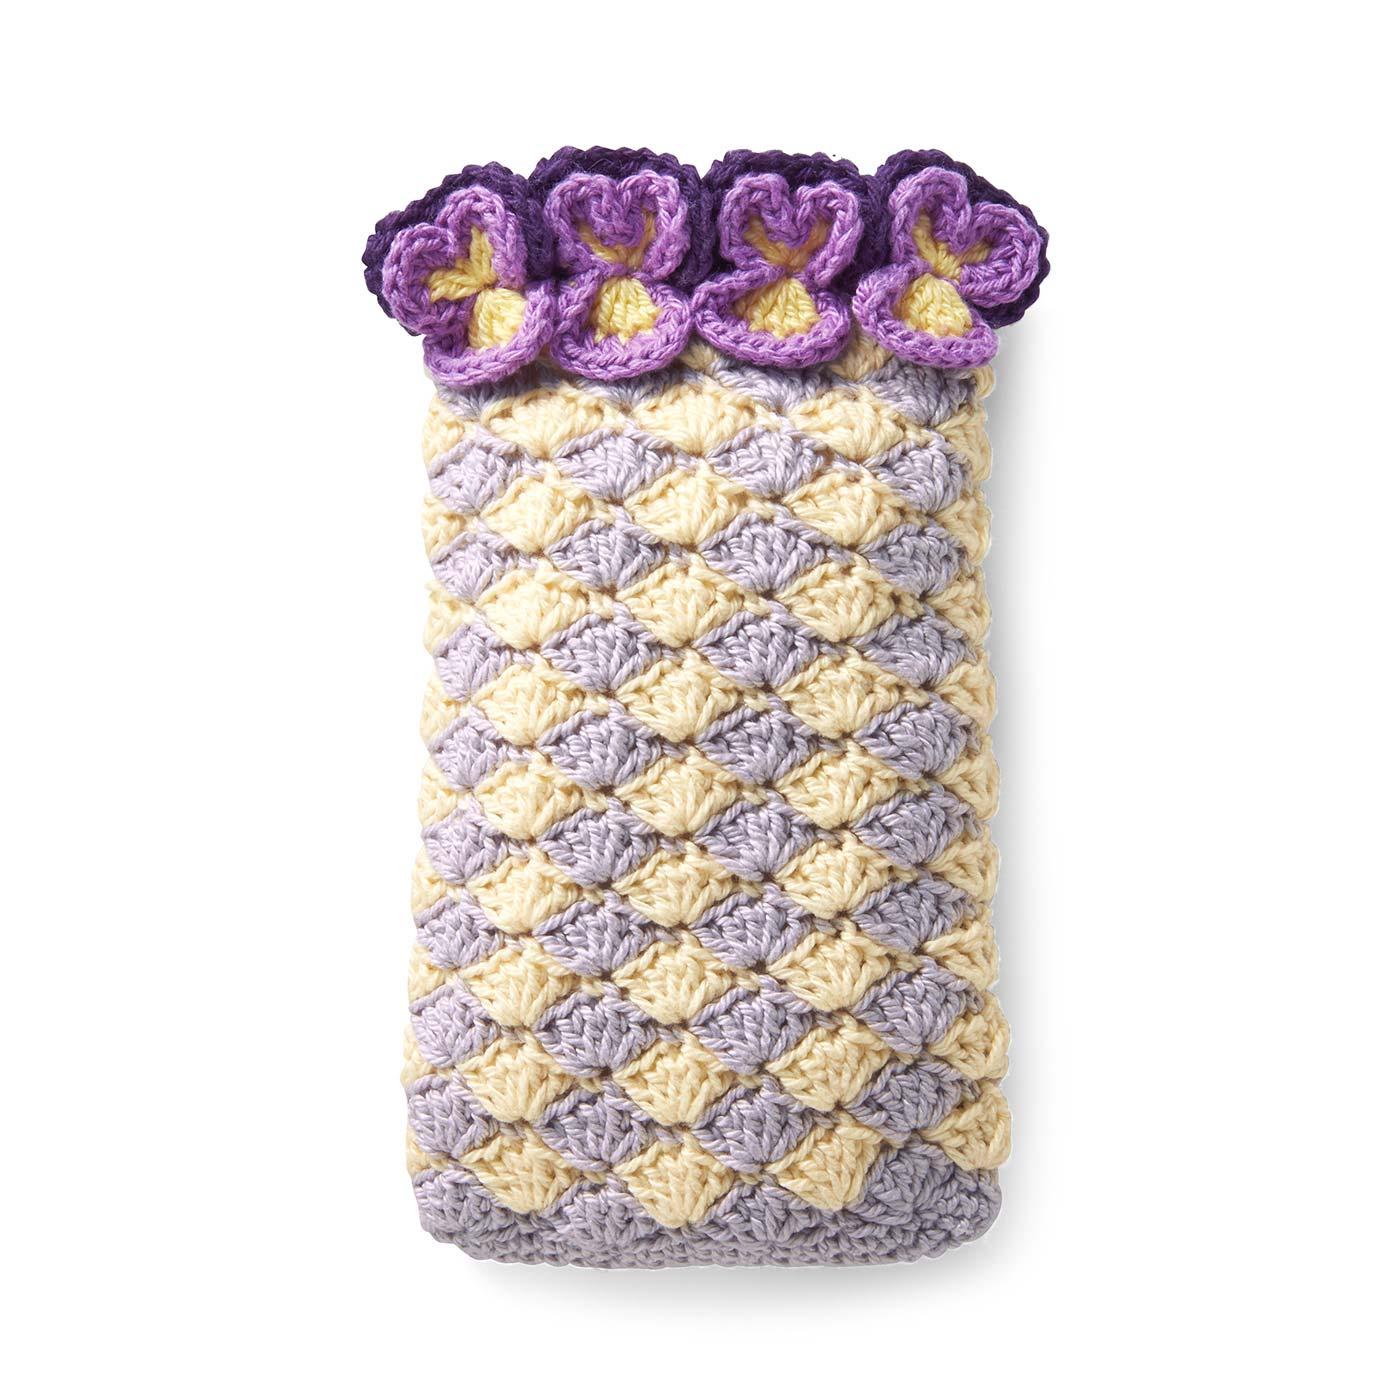 ビオラのモバイルケース【花言葉/誠実】 縦約18cm、横約11cm ※縦14.5cm、横+厚み8cmまでのスマートフォンに対応していますが、形状によっては収まらない場合があります。